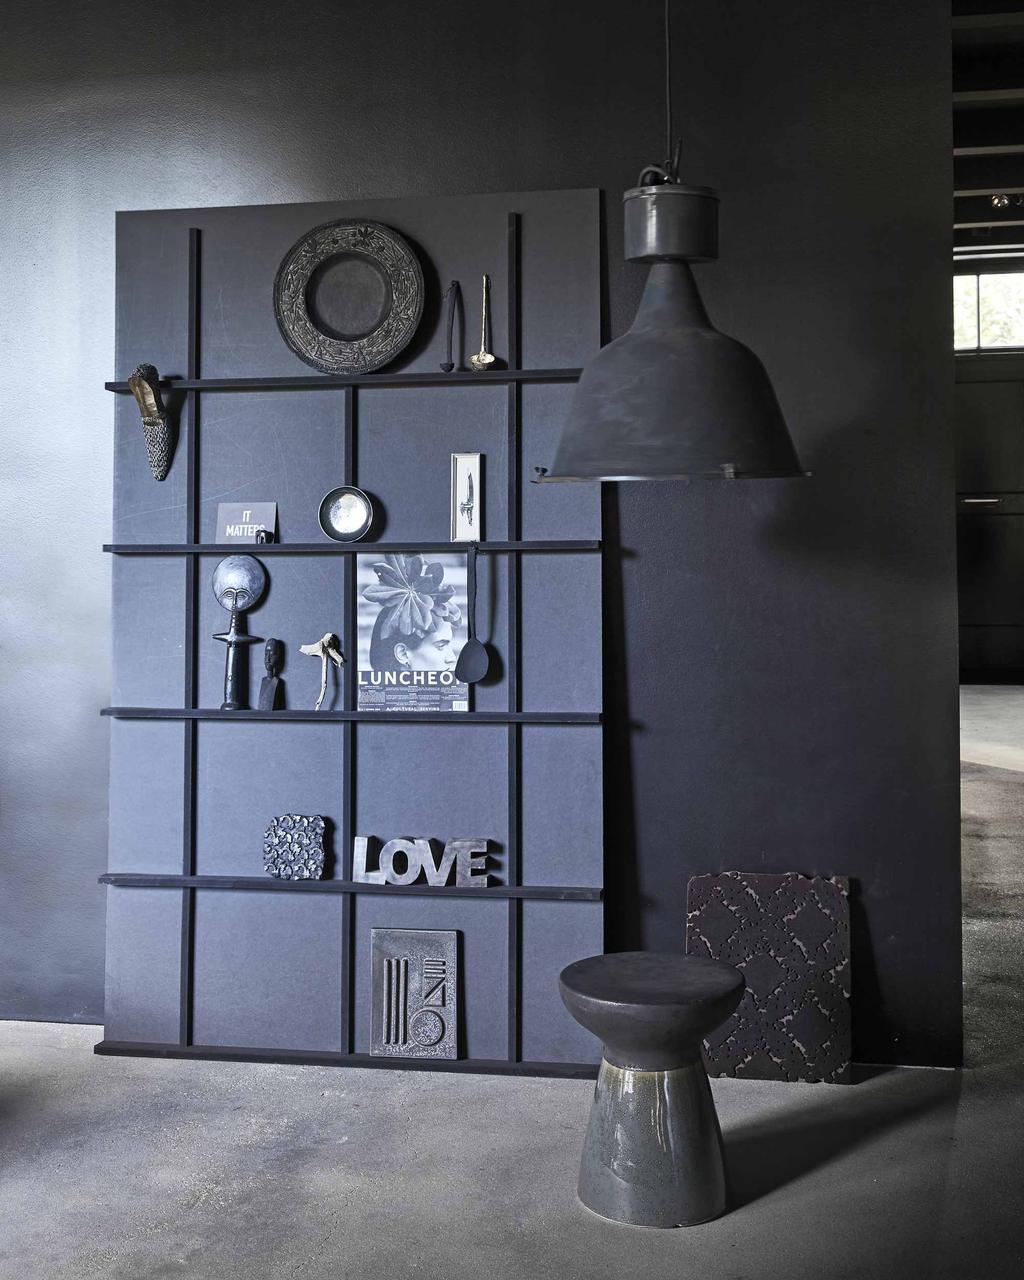 Een zwarte letterbakkast met donkere decoratie